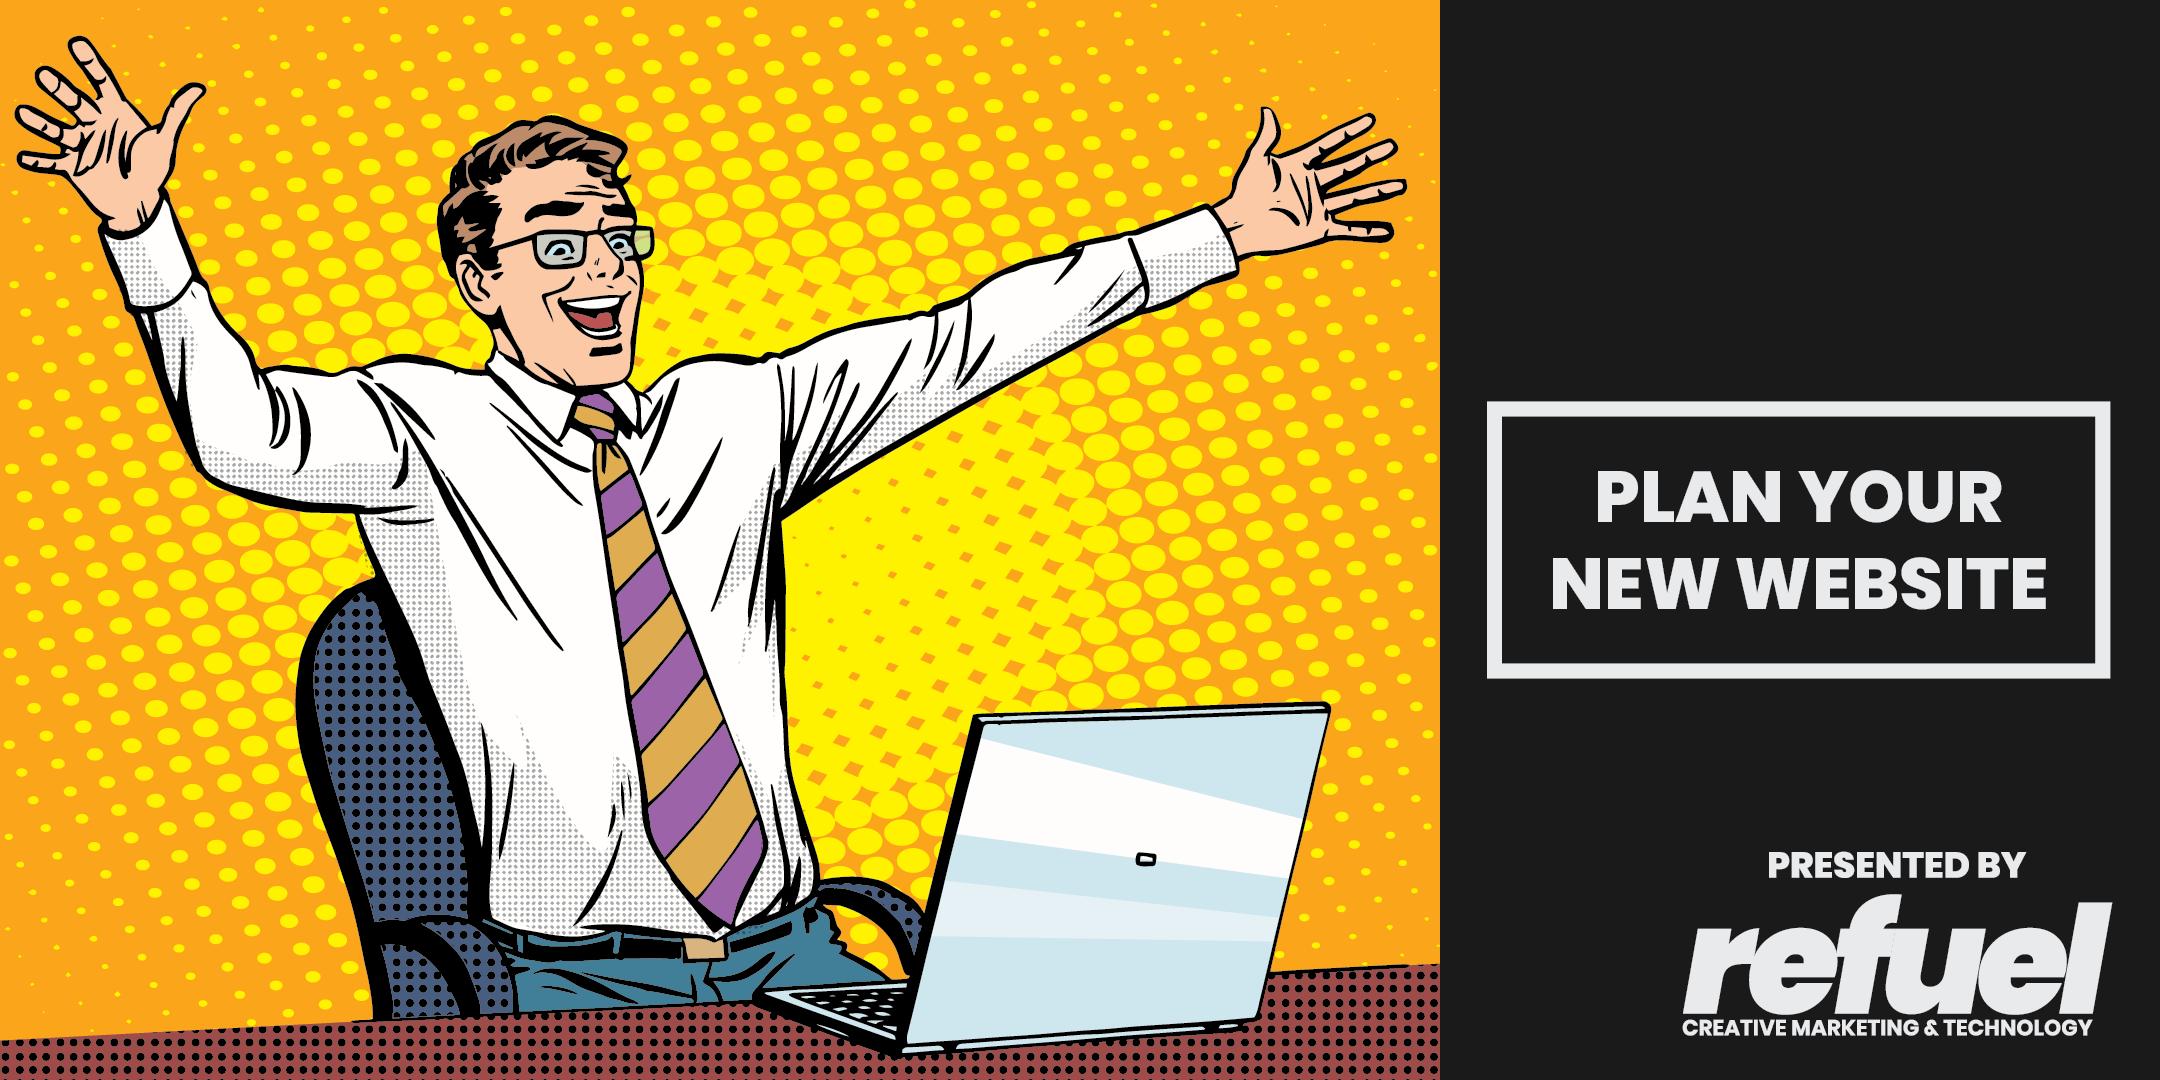 Plan your new website-01